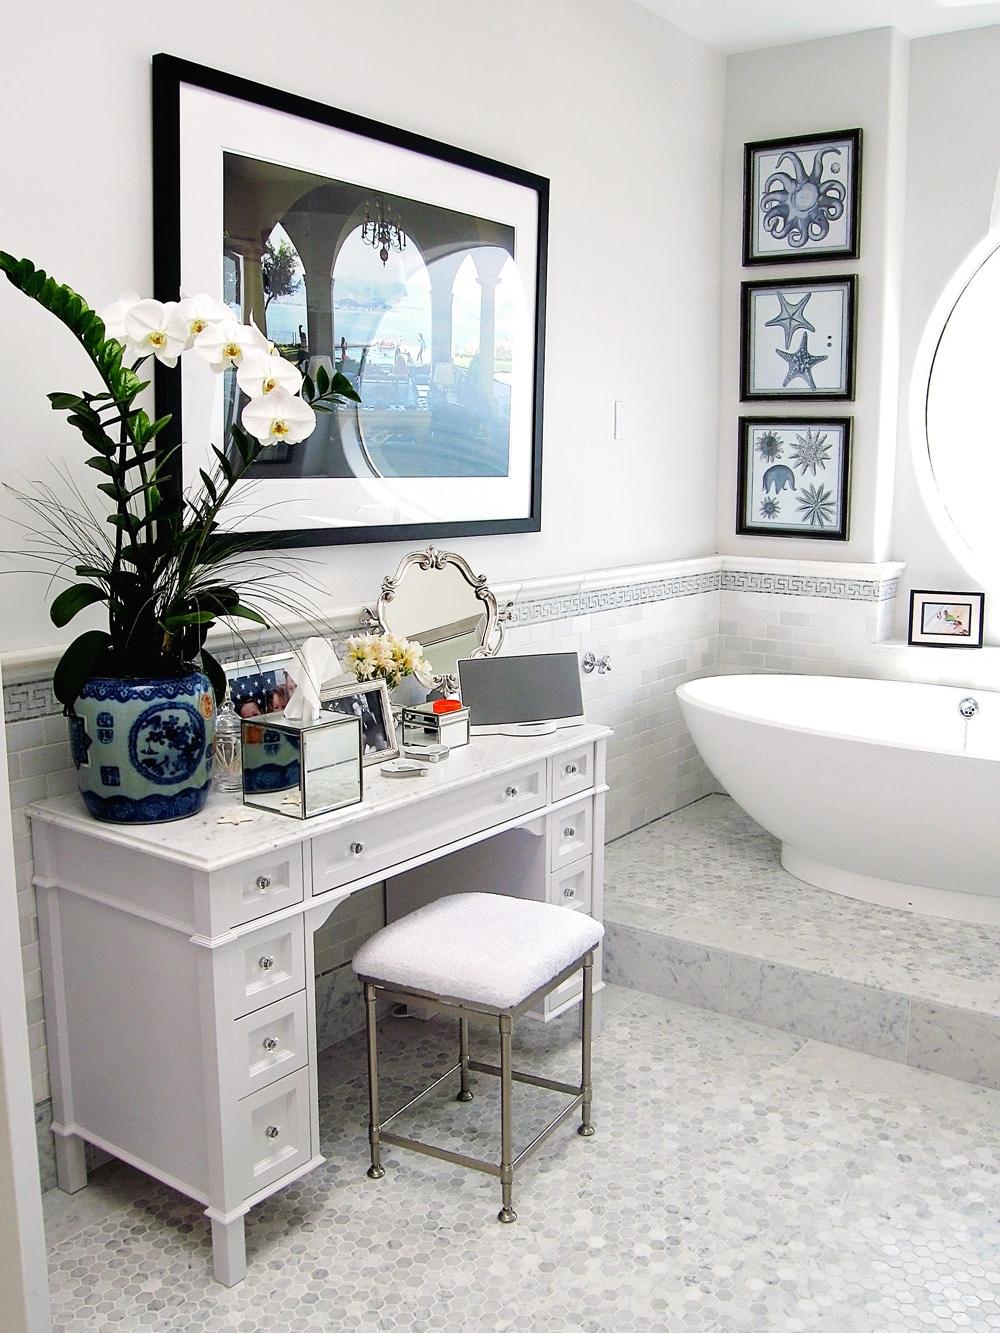 3-vanity-bathroom-tiled-floor-bathtub-dee-carawan.jpg